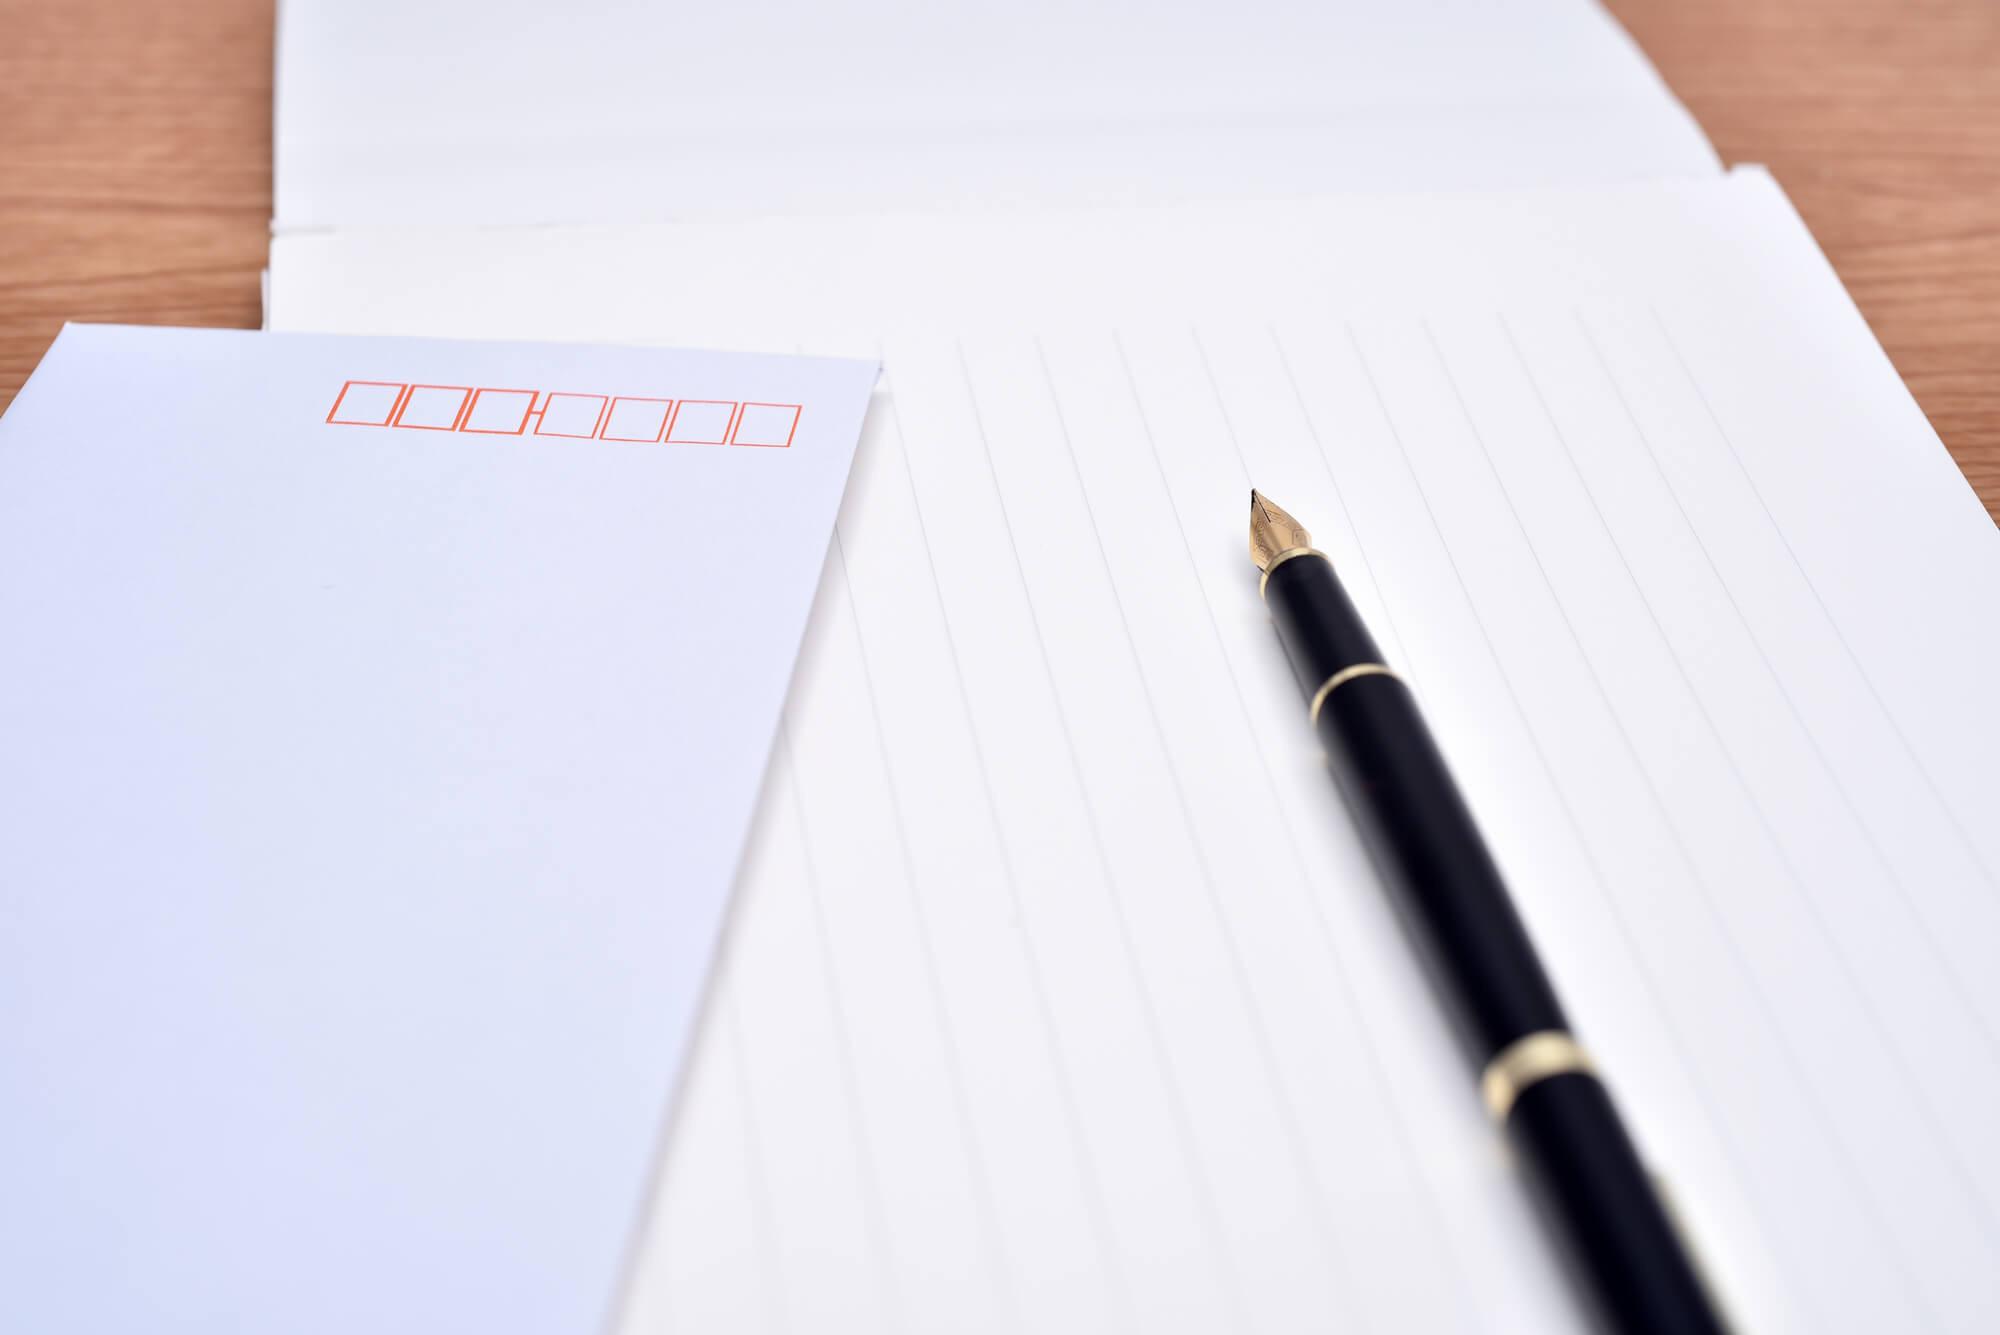 動画ありバイトの履歴書を郵送する際に同封する送り状書き方例文